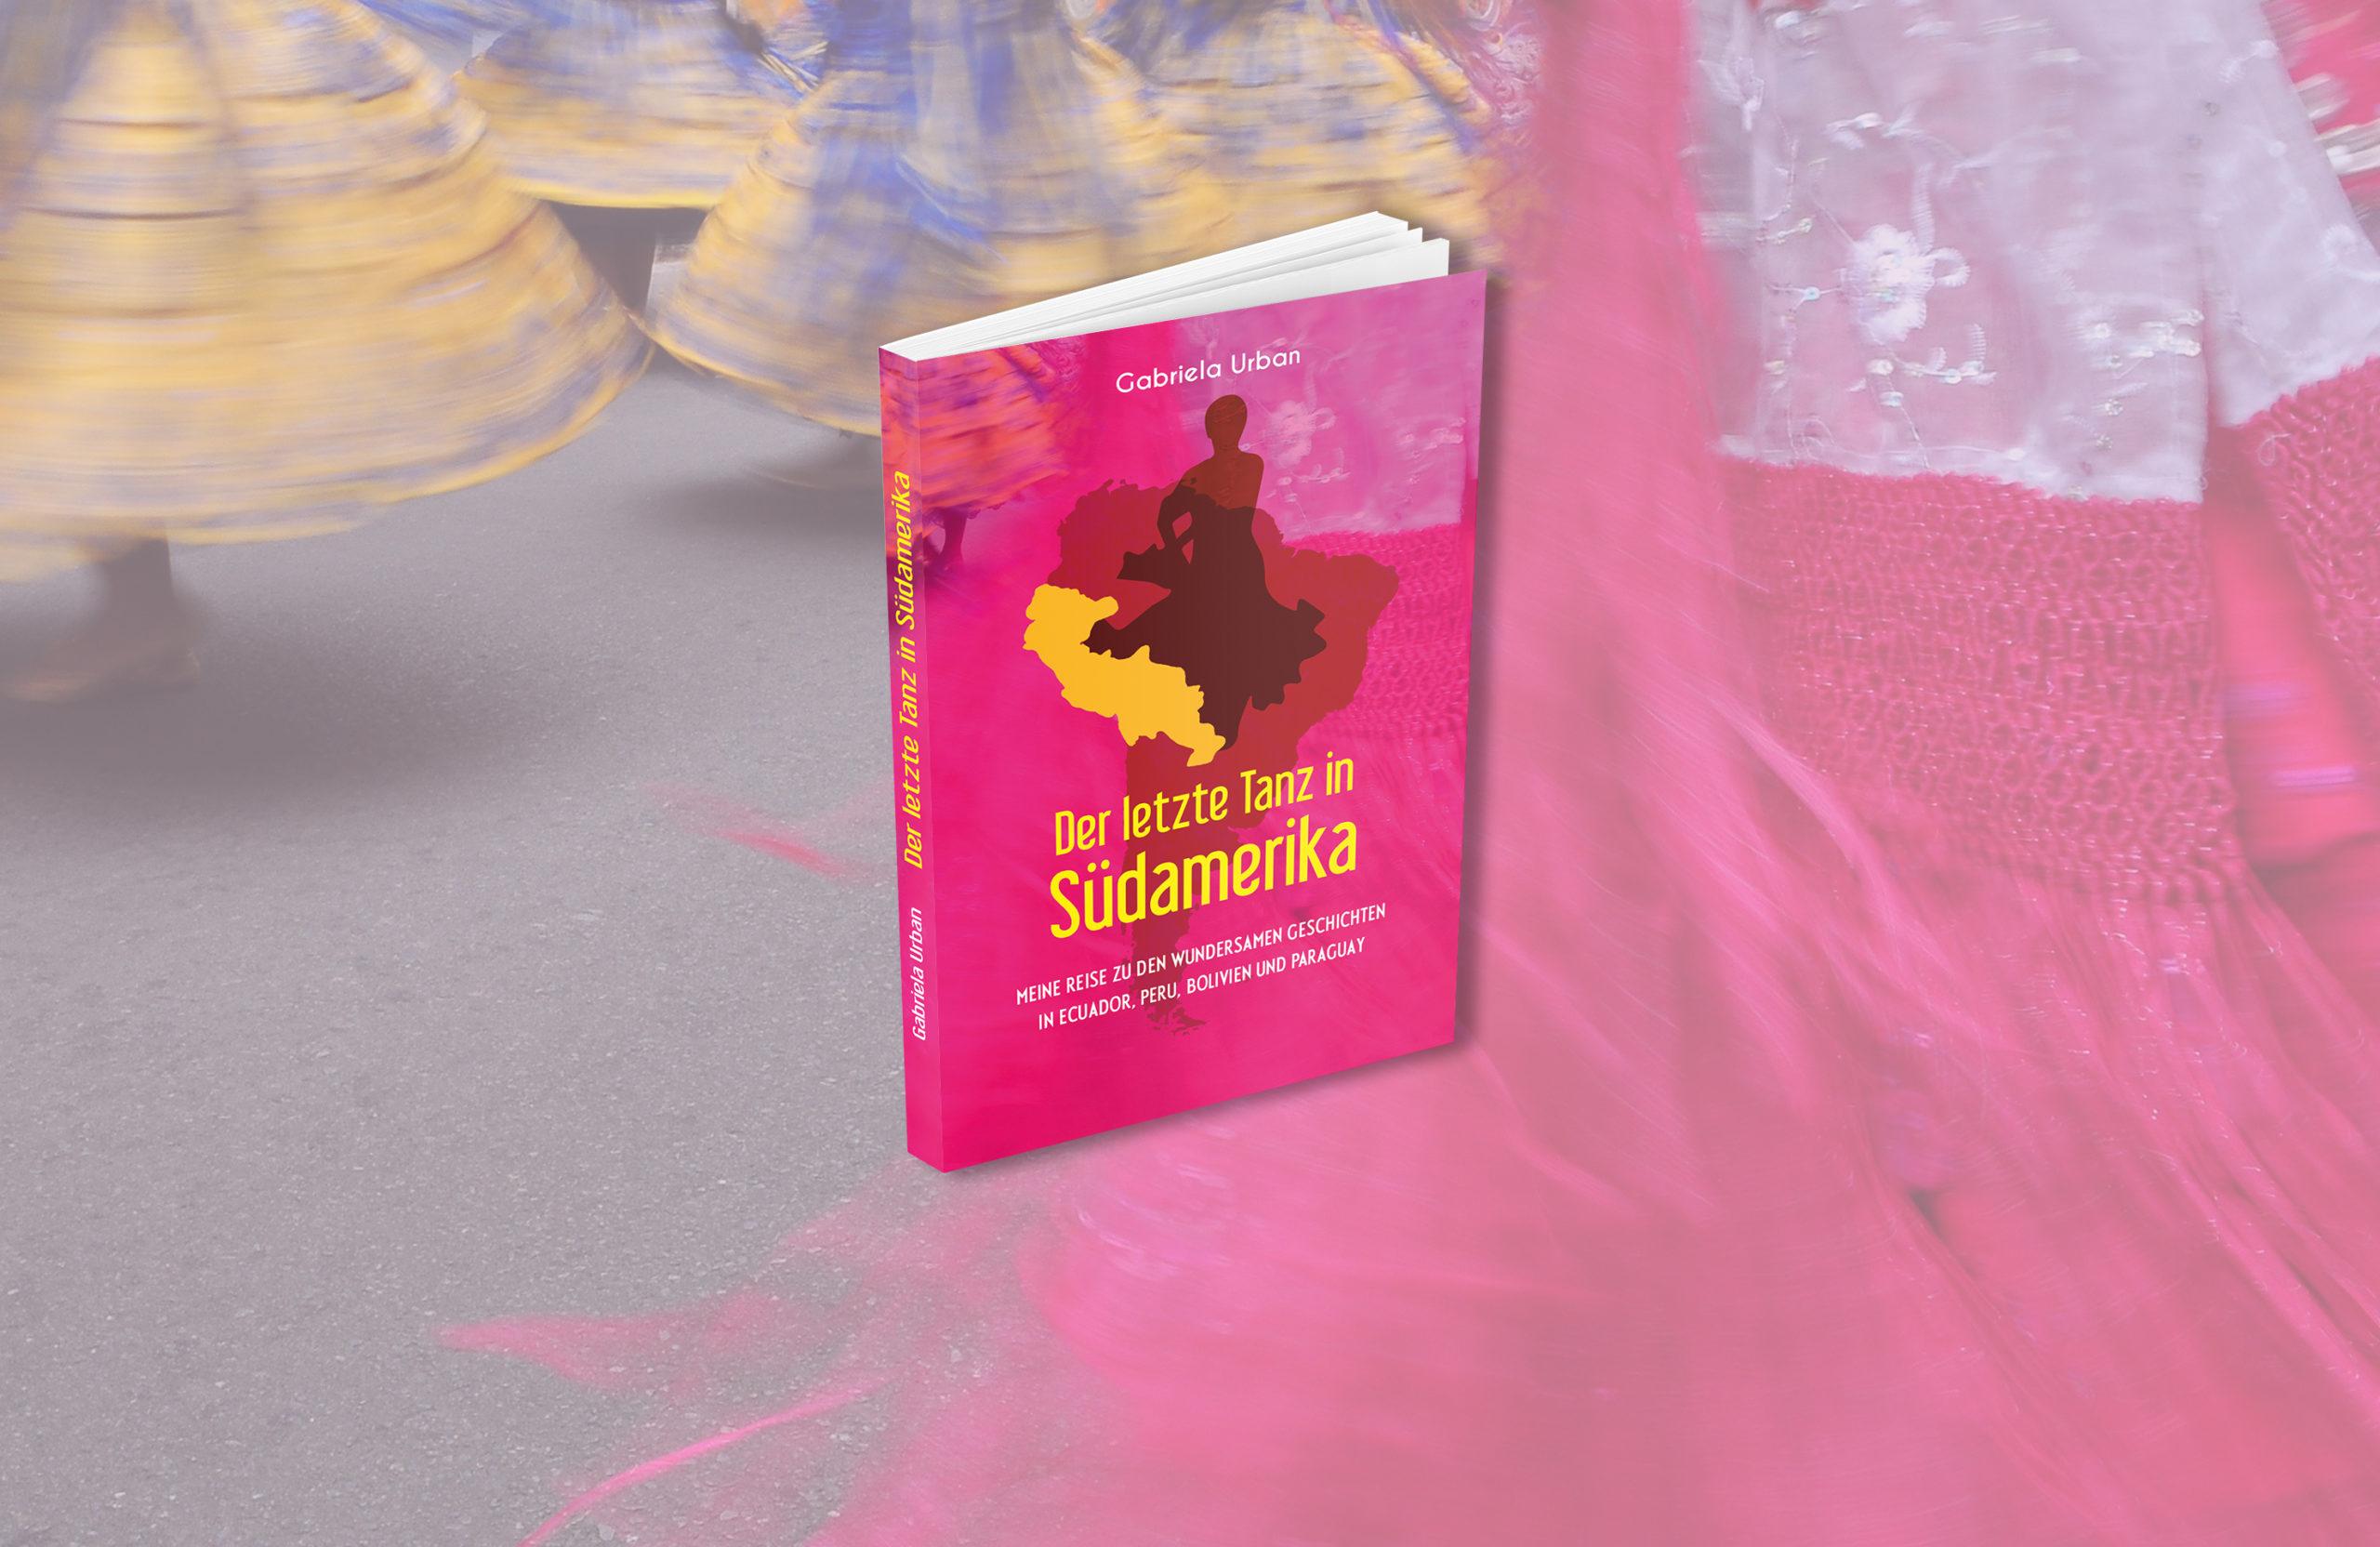 Mein Südamerika Buch «Der letzte Tanz in Südamerika – Meine Reise zu den wundersamen Geschichten in Ecuador, Peru, Bolivien und Paraguay»